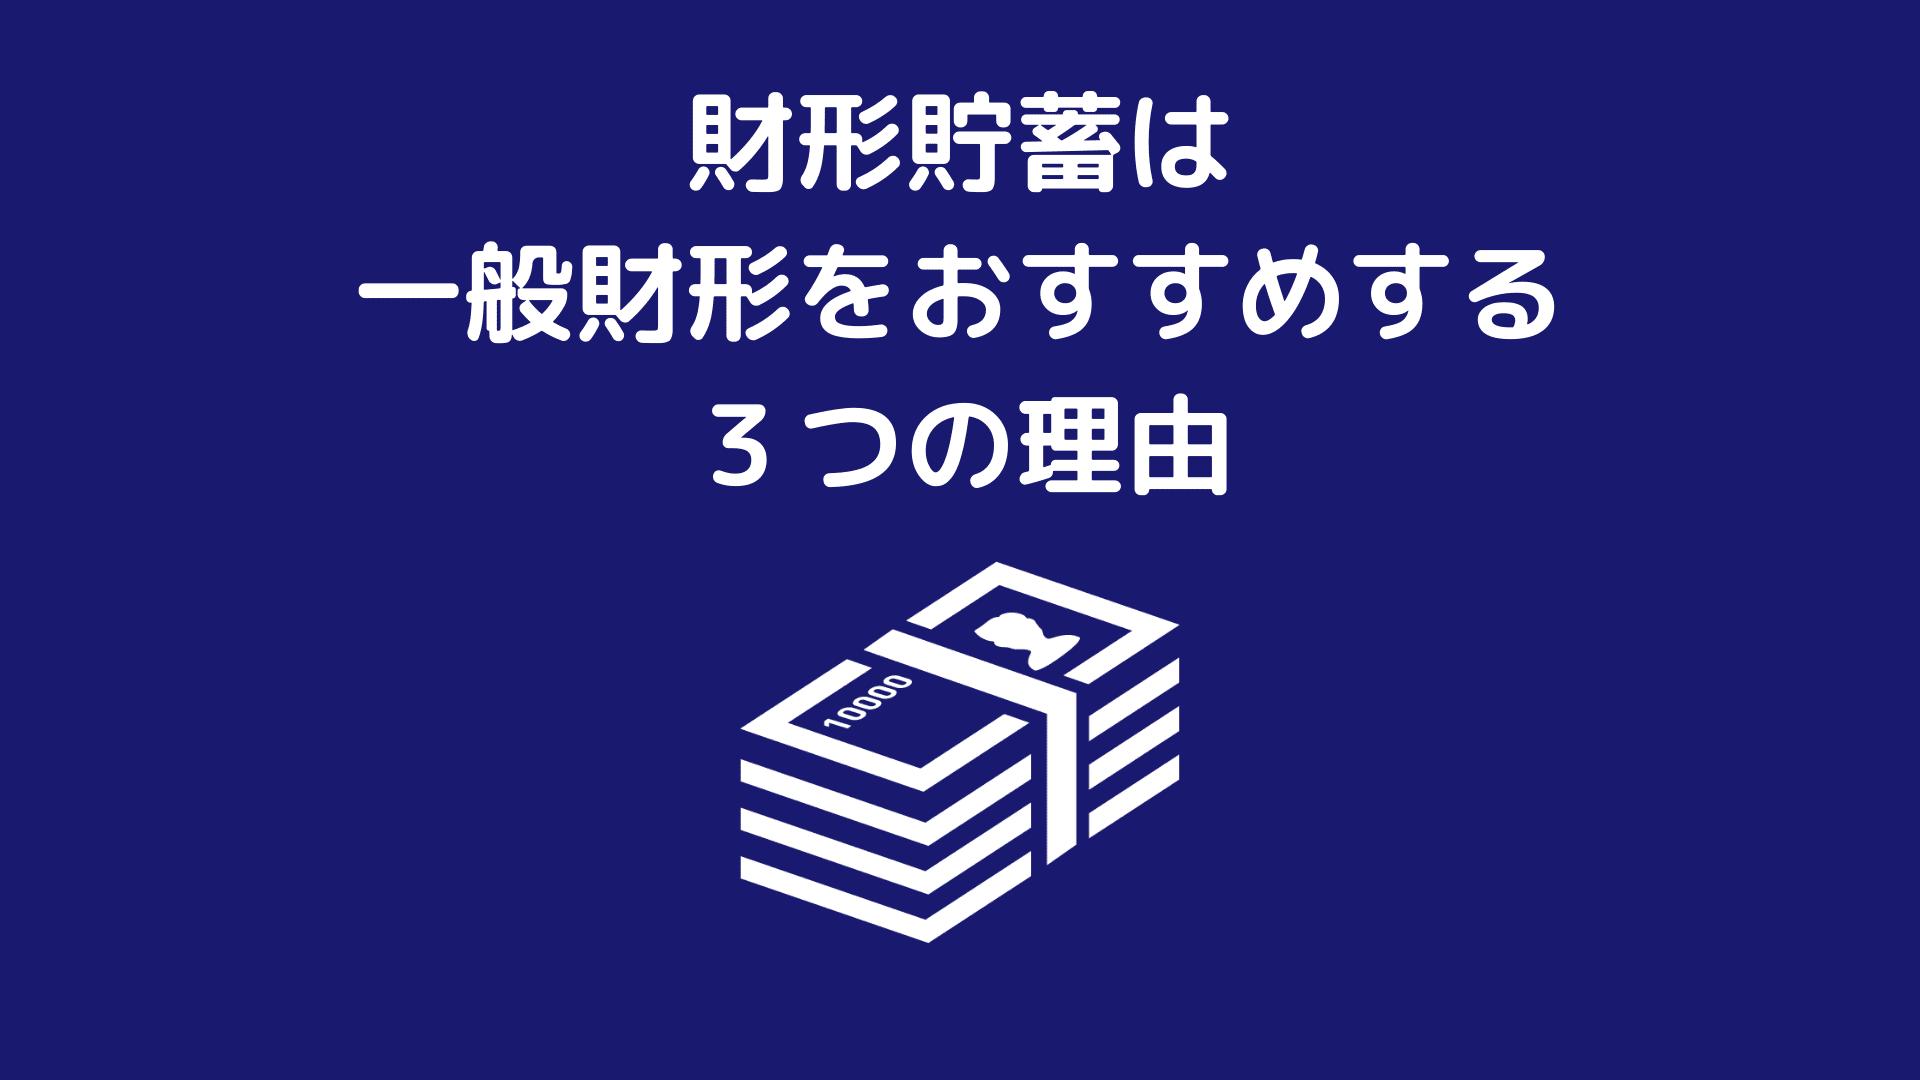 財形貯蓄は一般財形をおすすめする3つの理由